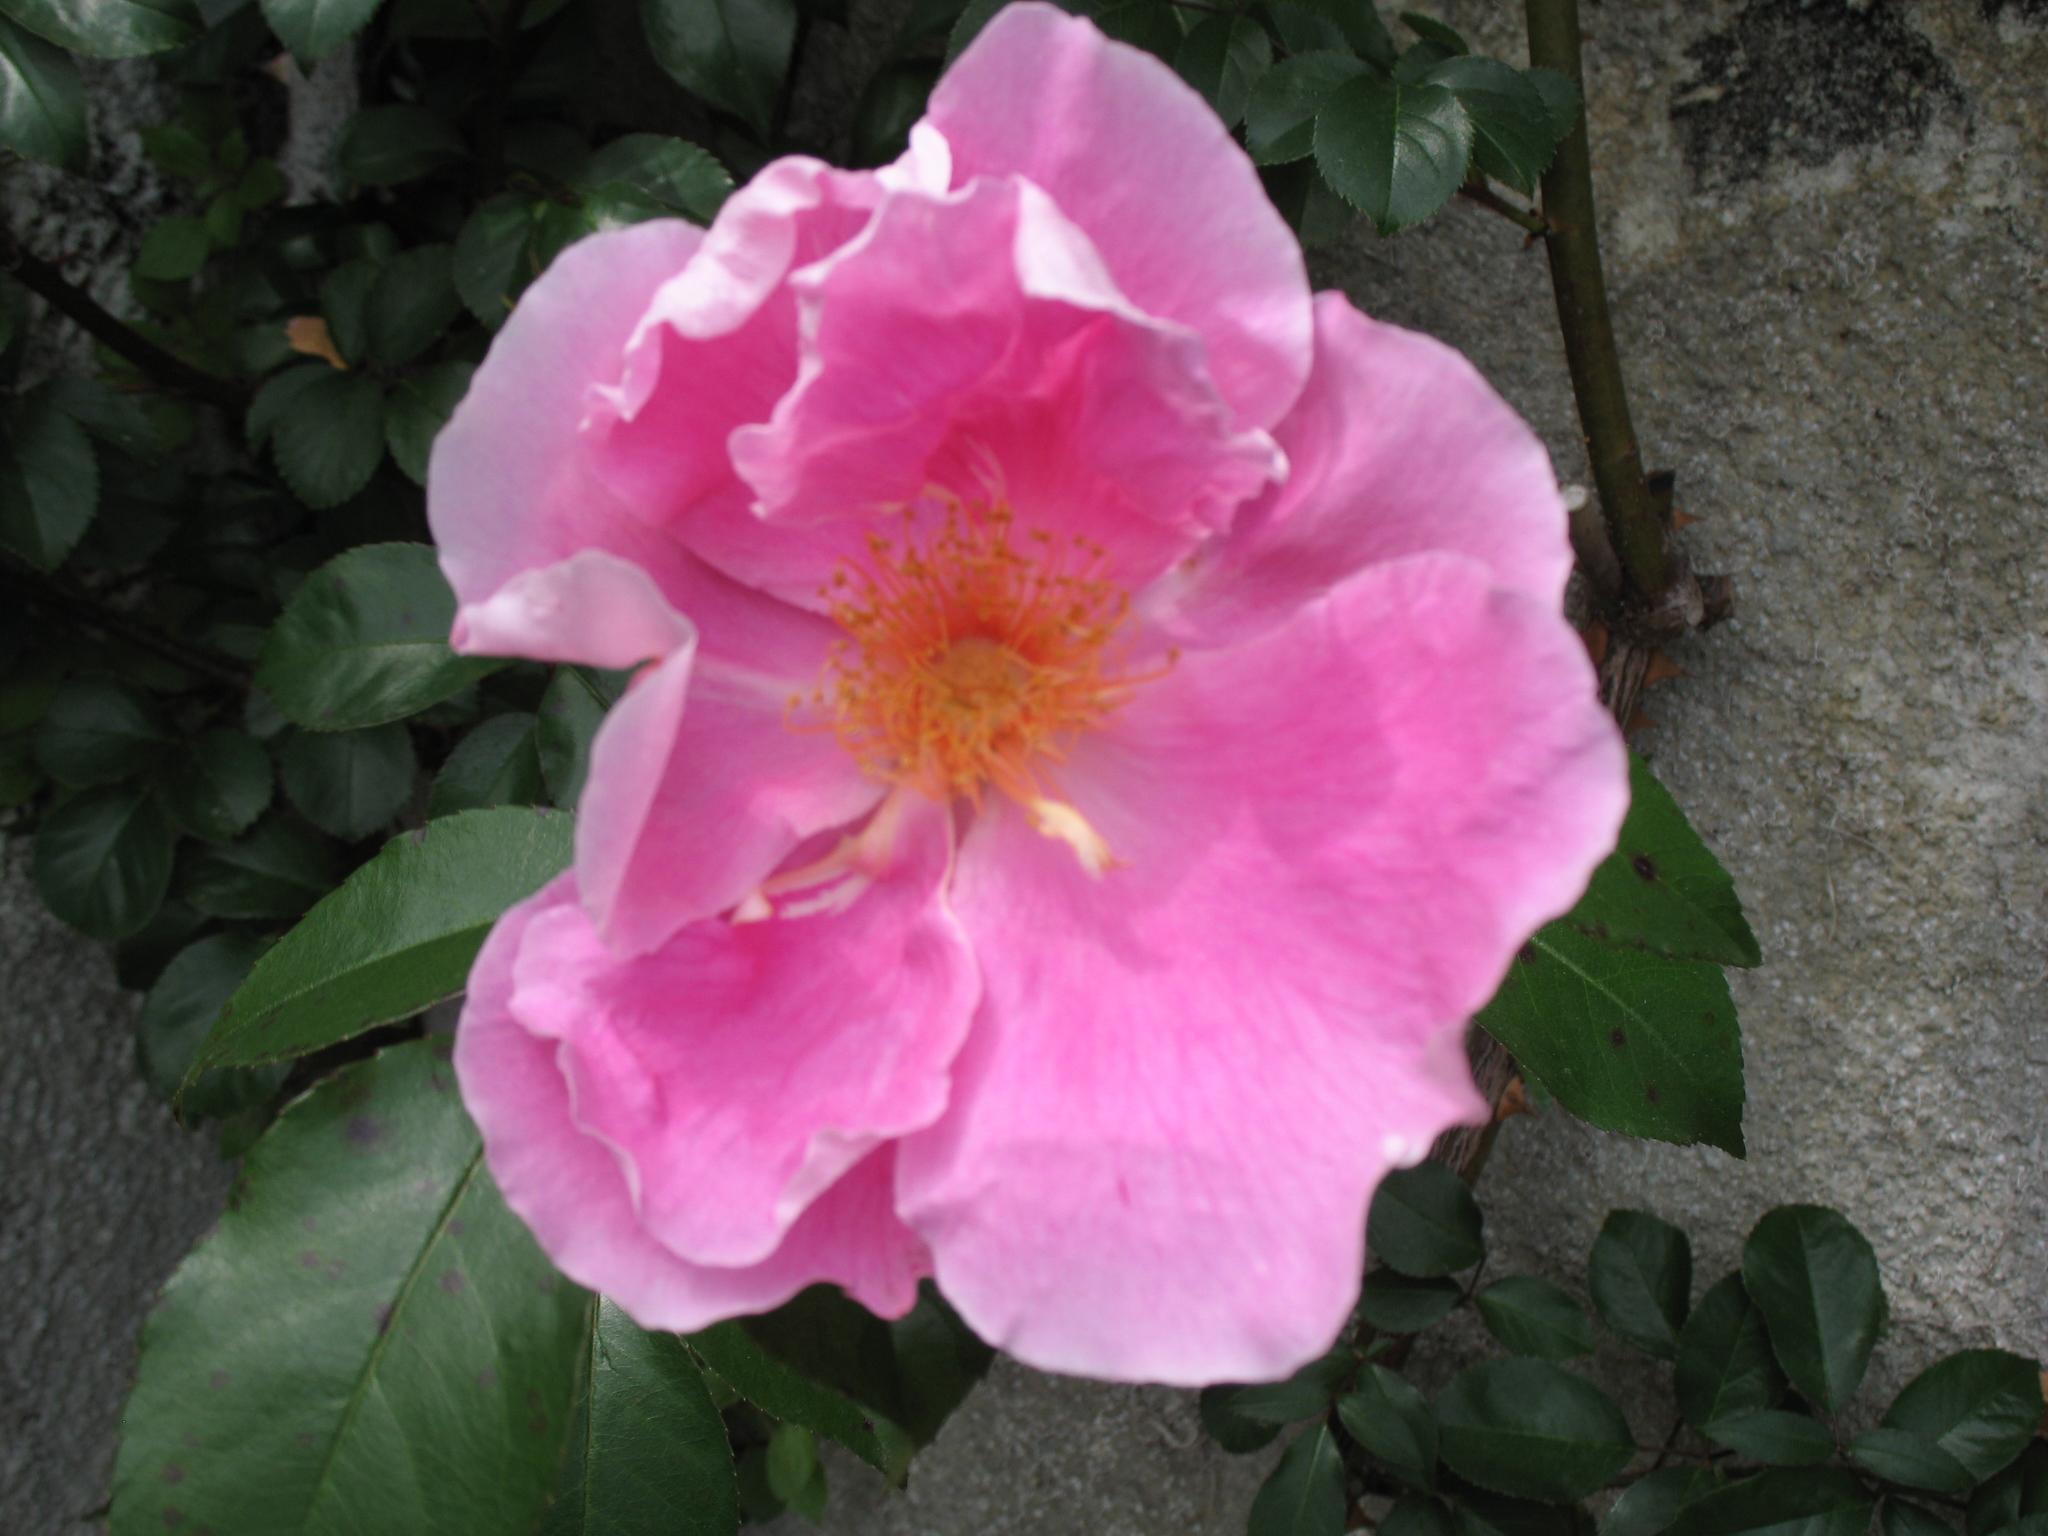 Rosa x 'Anemonenrose' / Rosa x 'Anemonenrose'